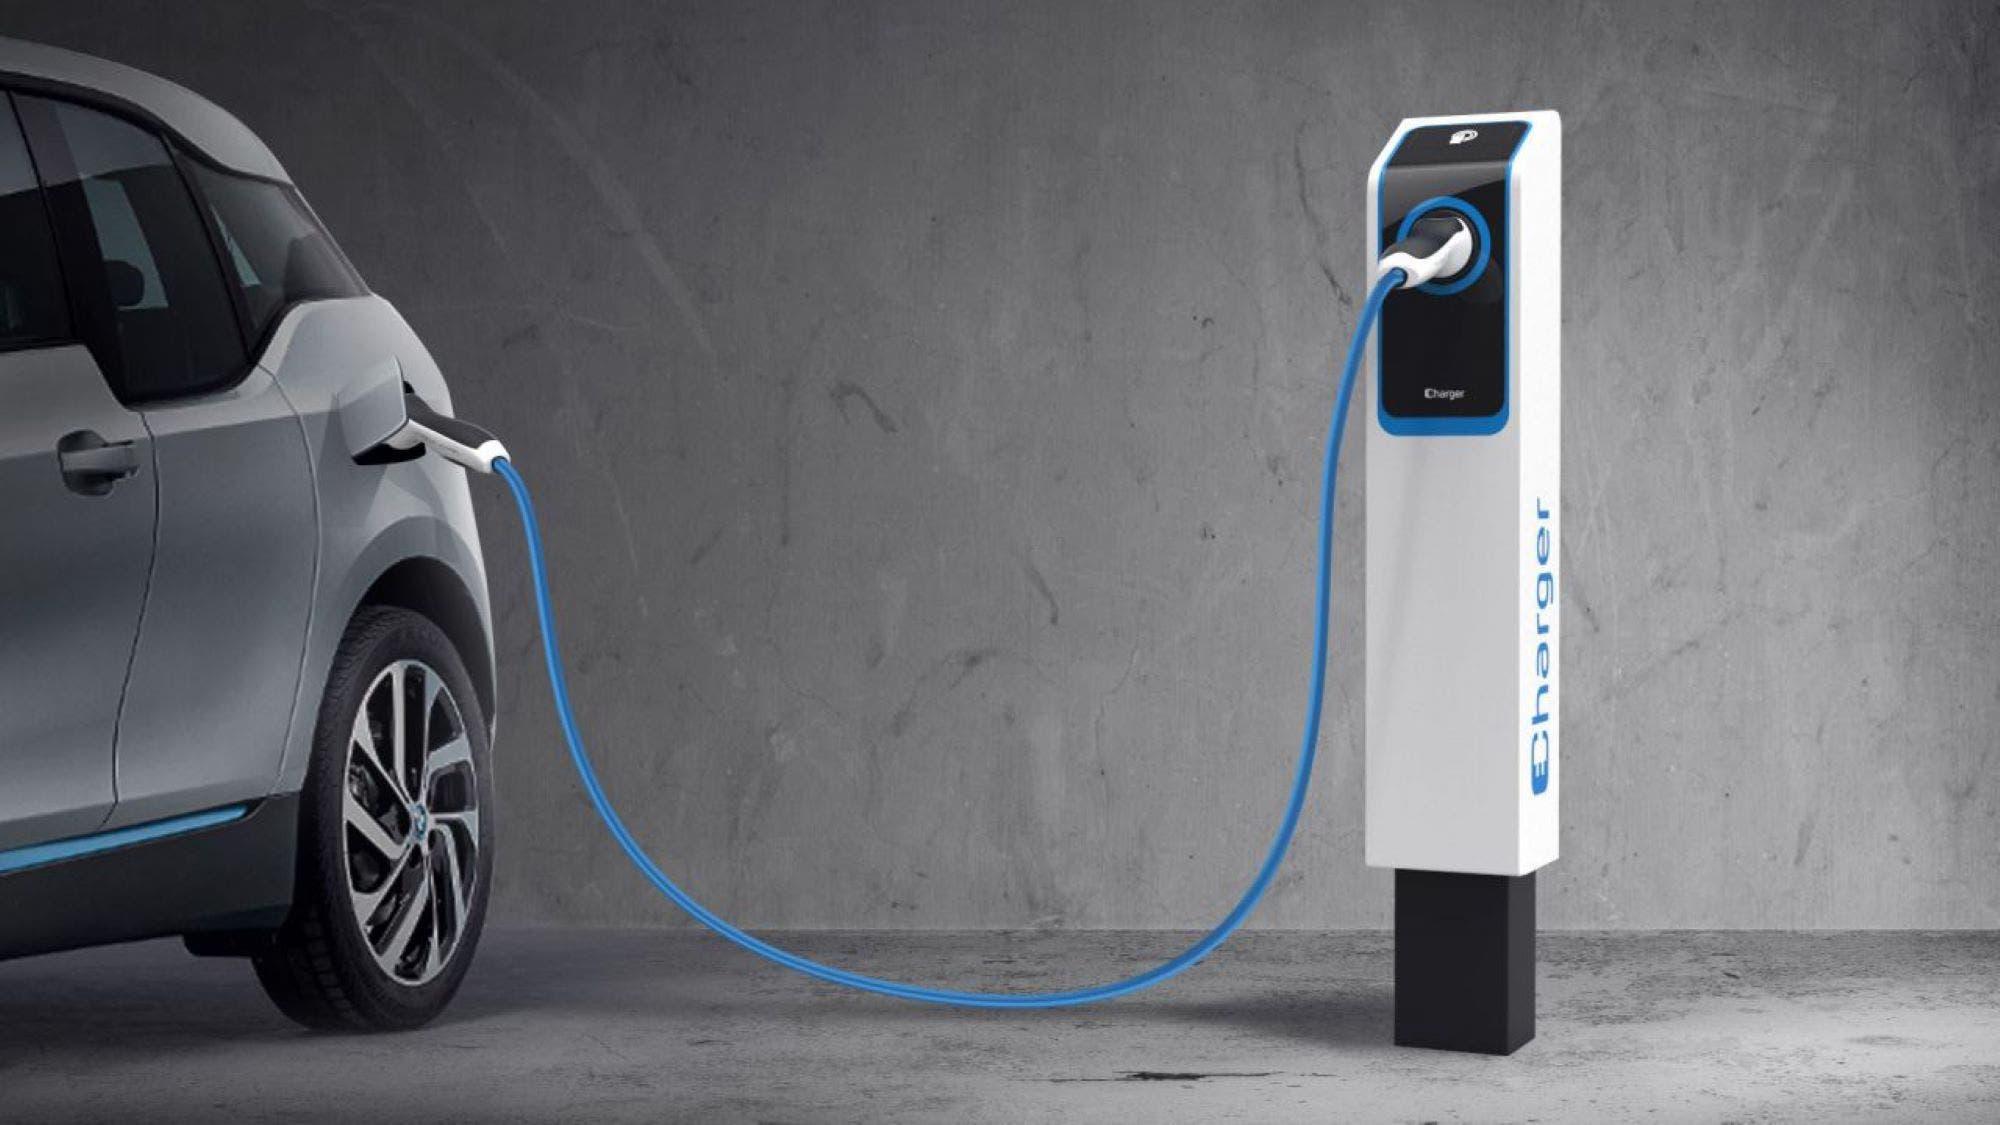 auto-elettriche-colonnine-ricarica-punto-italia-speciale-v5-41335-1280x16